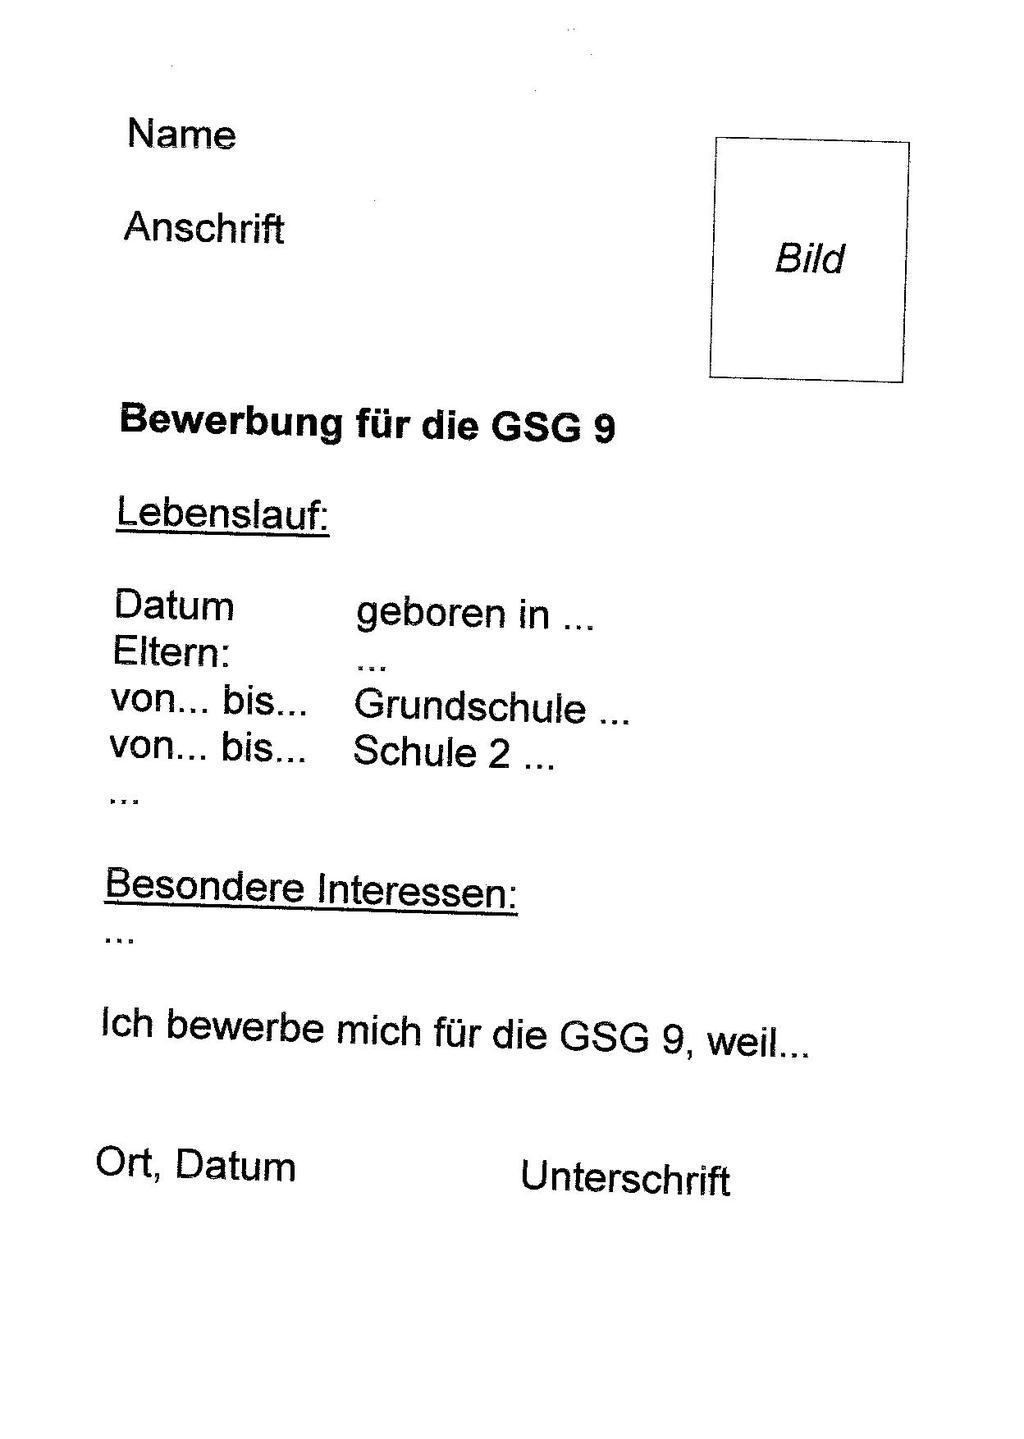 Briefe Datum Und Ort : Scan s gsg pdf spielewiki